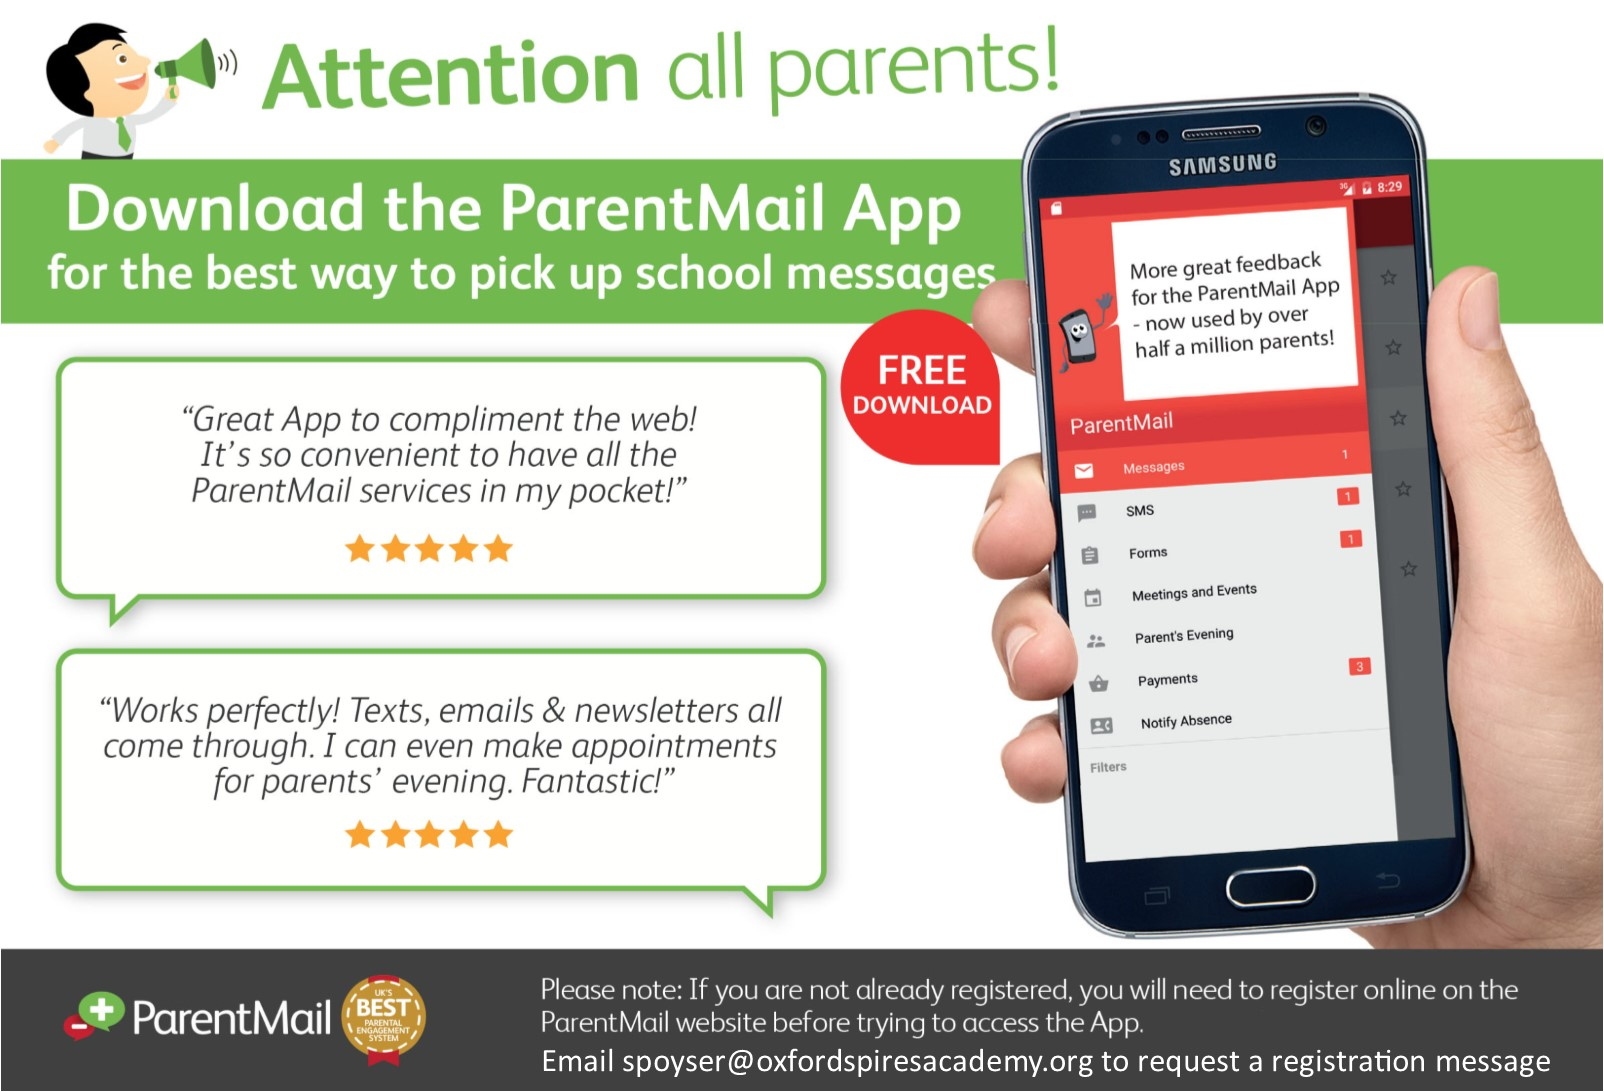 Parentmail app advert